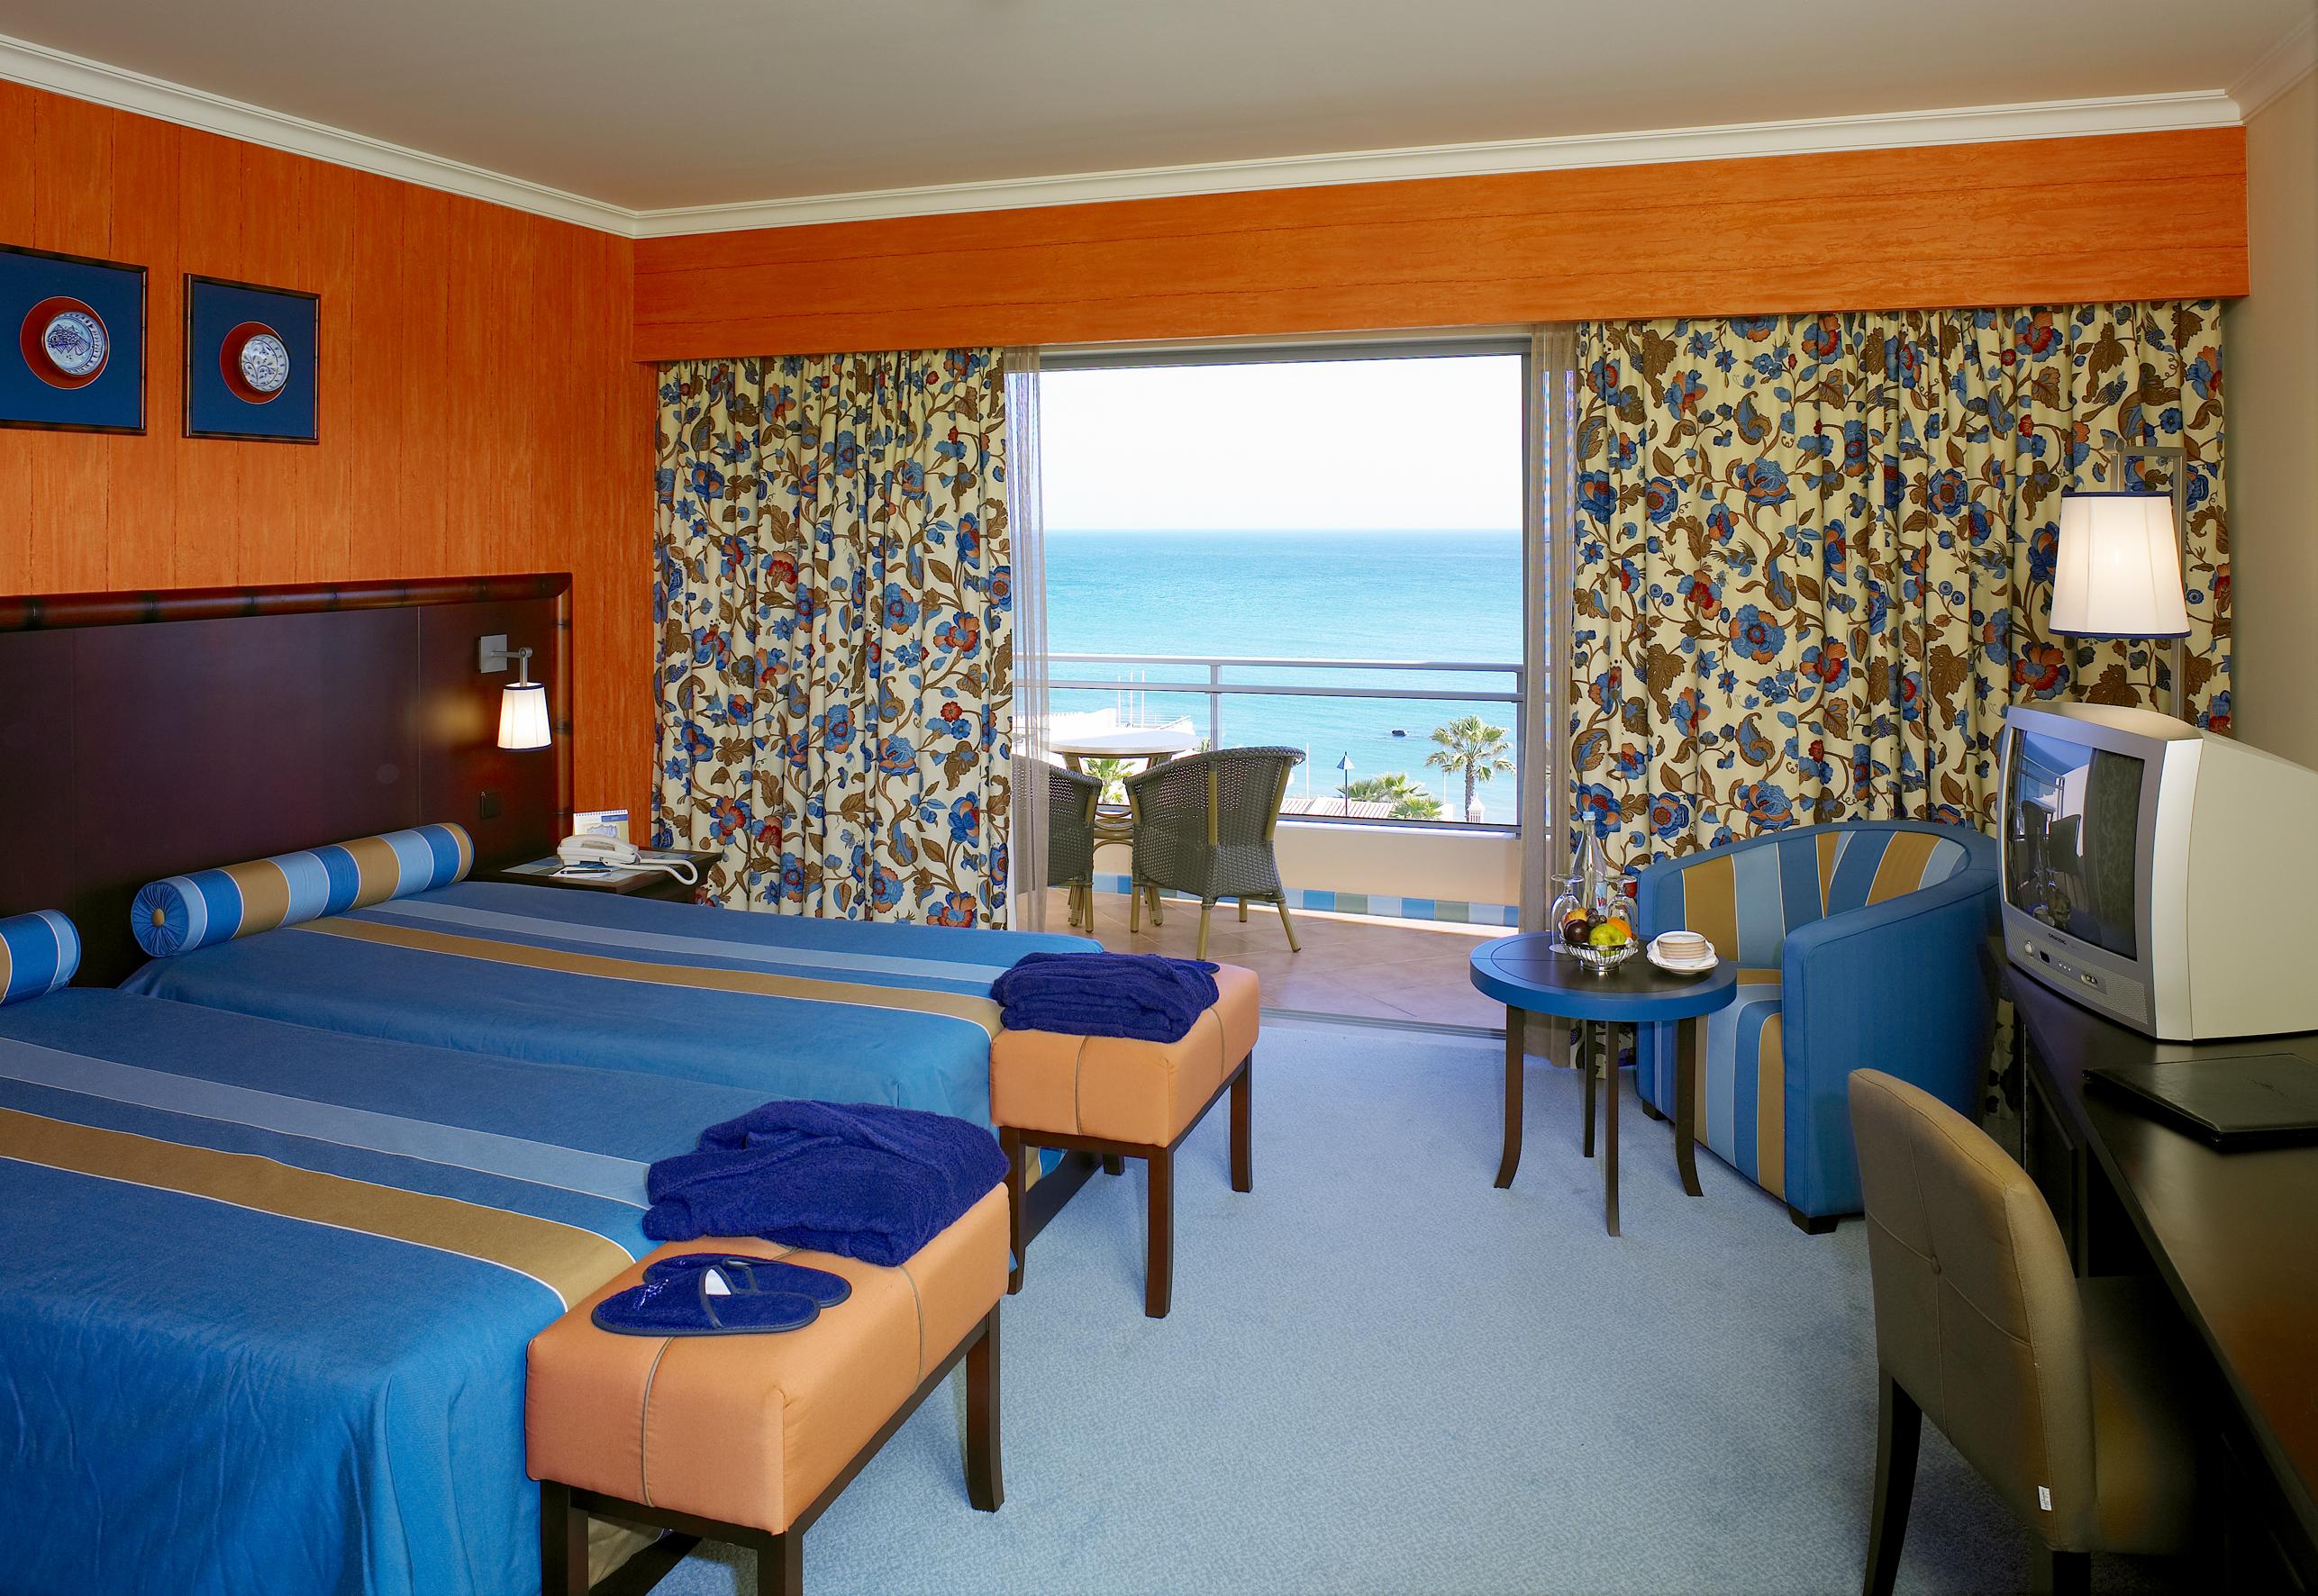 Grande Real Santa Eulalia Hotel Hotels In The Algarve